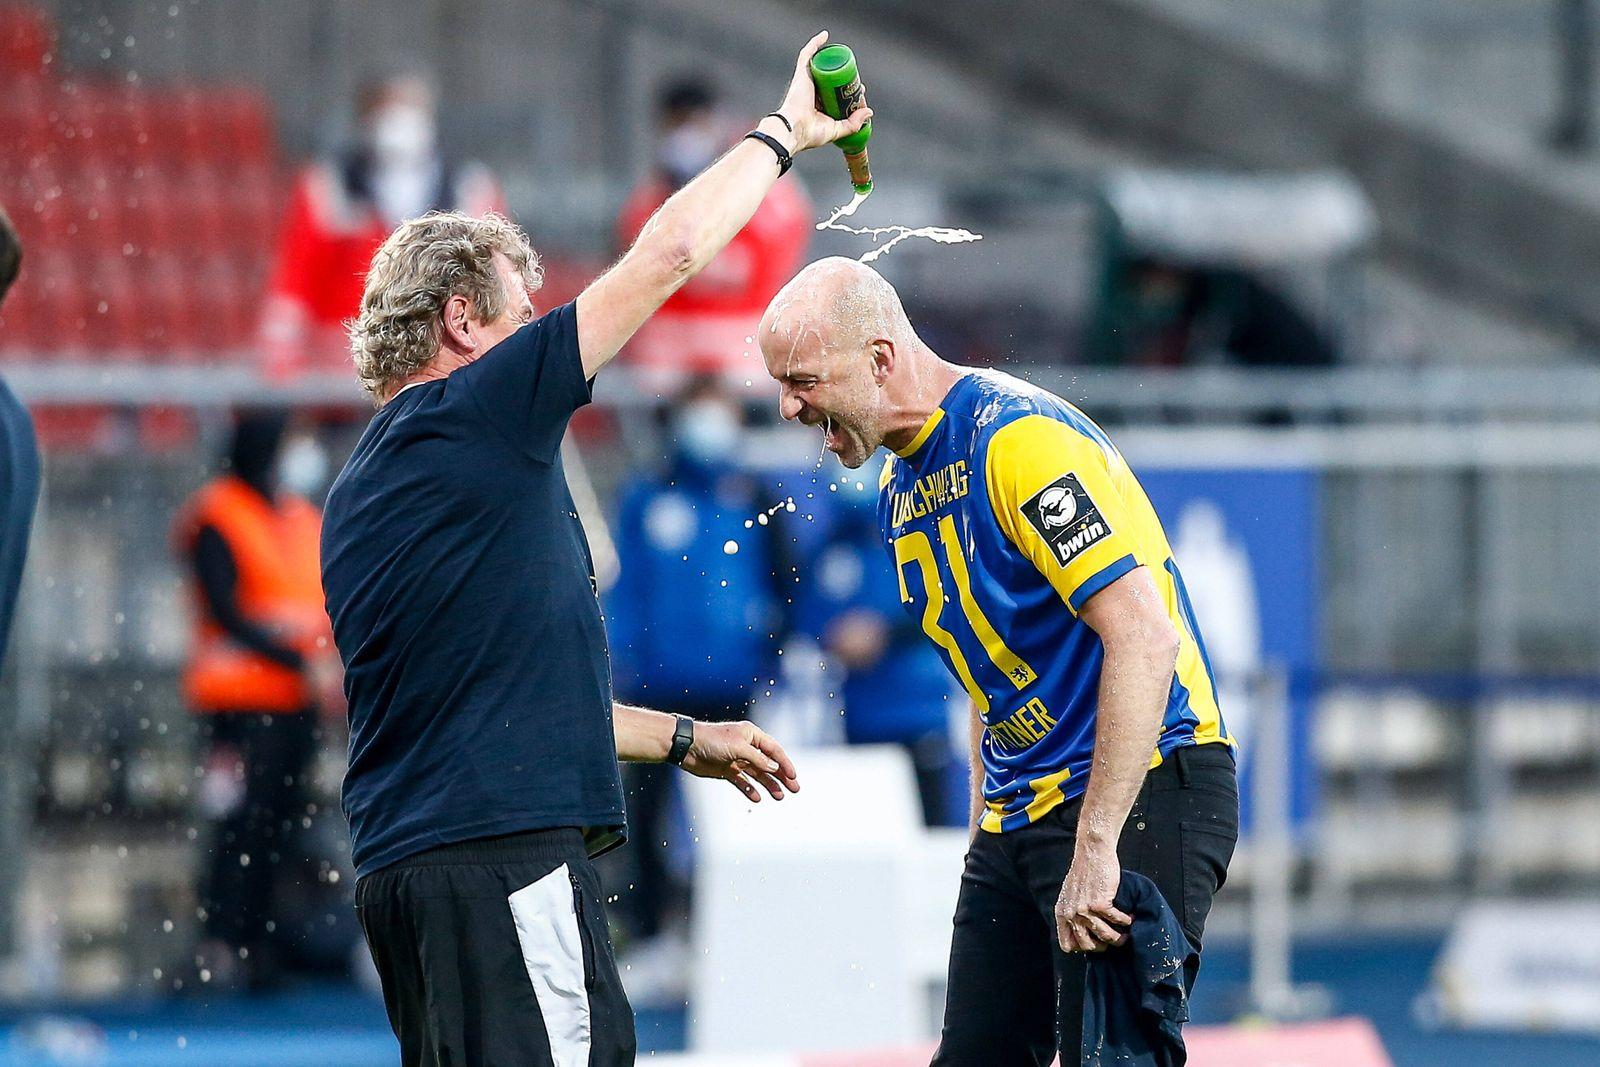 01.07.2020, xtgx, Fussball 3. Liga, Eintracht Braunschweig - SV Waldhof Mannheim, v.l. Marco Antwerpen (Braunschweig, T